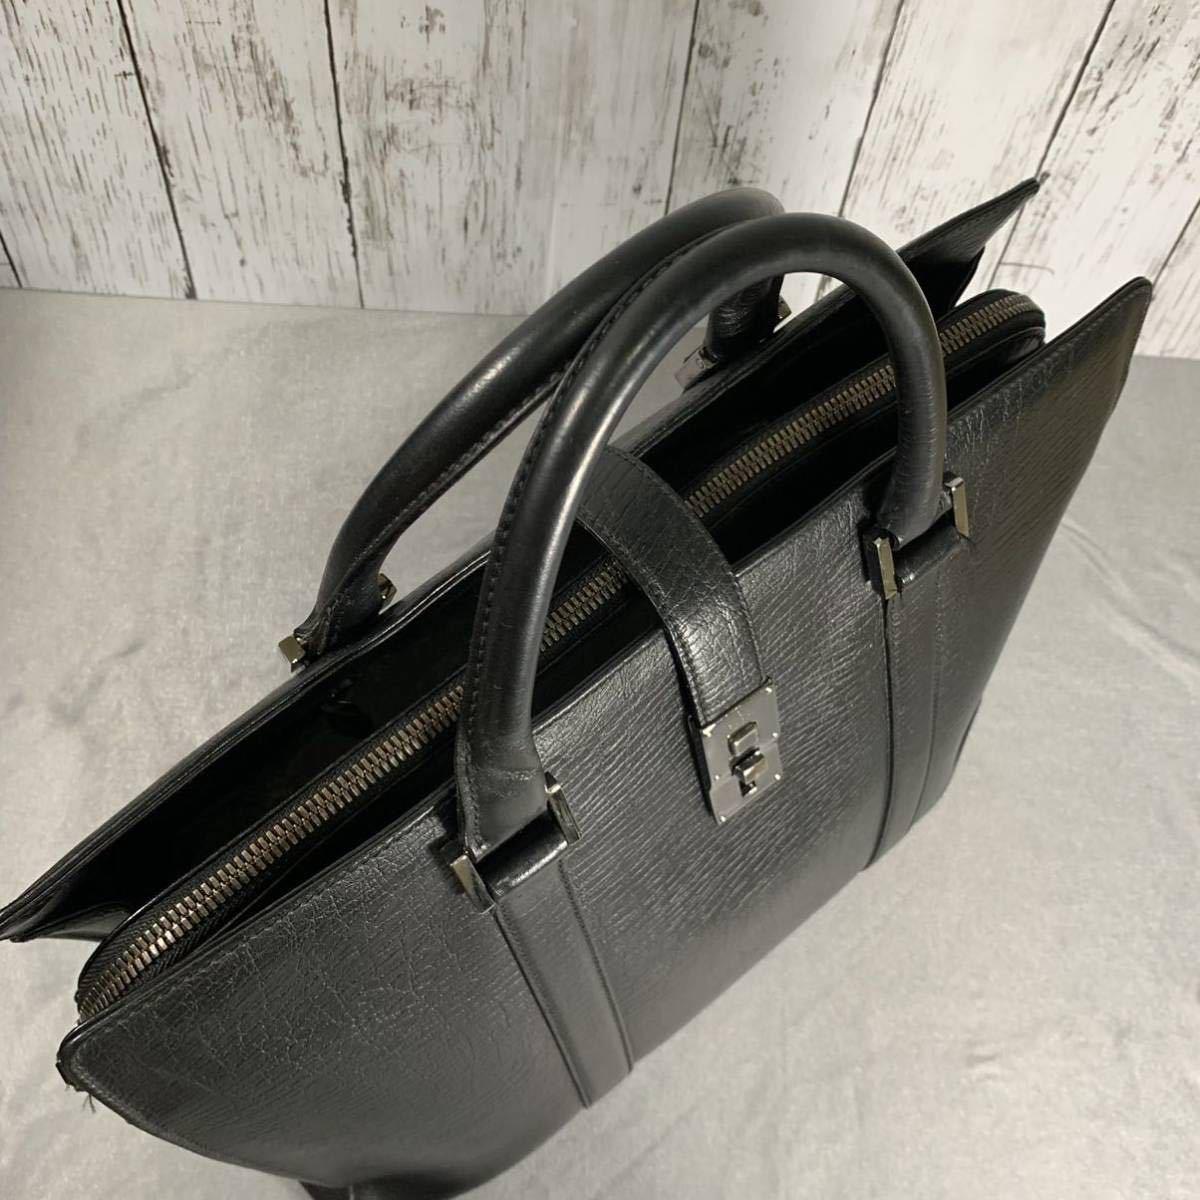 本物 超美品 グッチ 最高級グレインカーフレザー SVロック金具 メンズビジネスバッグ ブラック A4書類ブリーフケース トートバッグ GUCCI_画像3